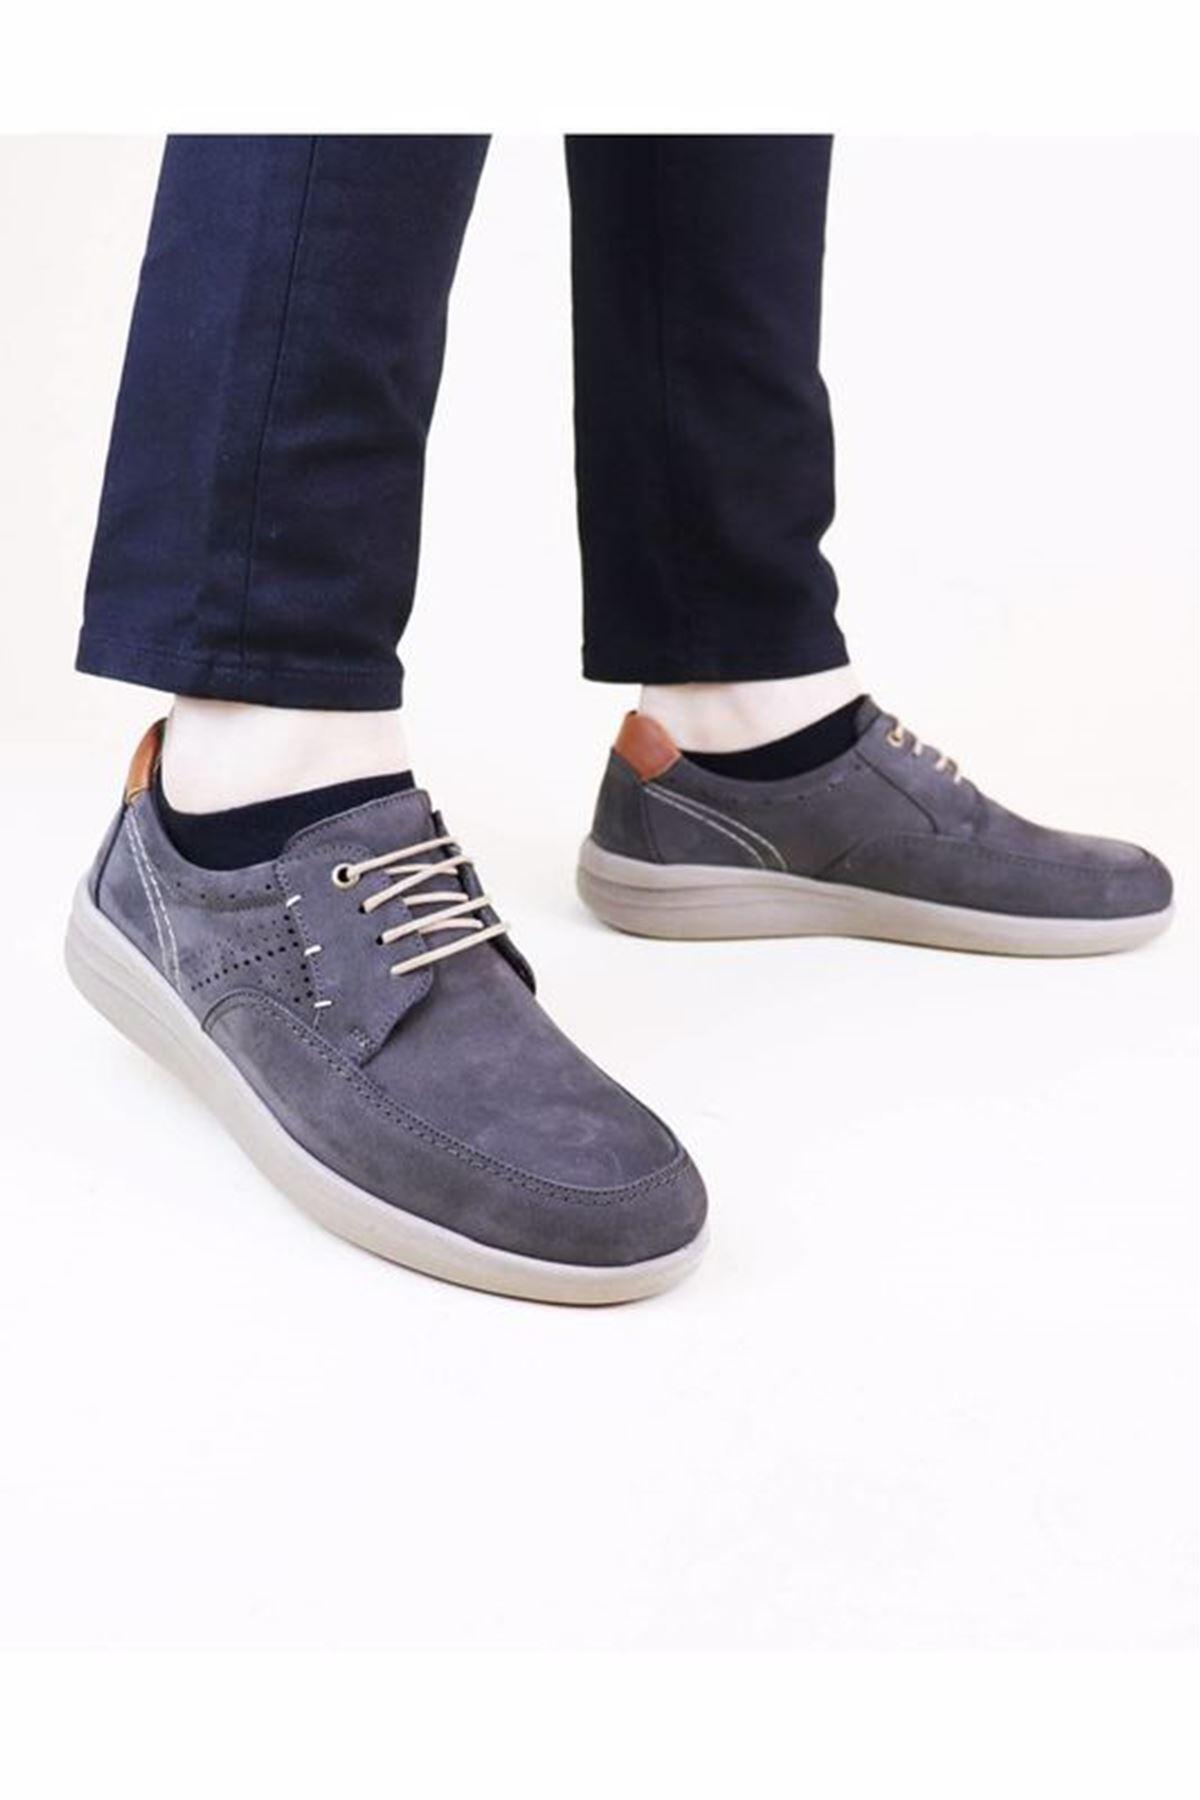 Free Foot 202041 Hakiki Deri Erkek Ayakkabısı